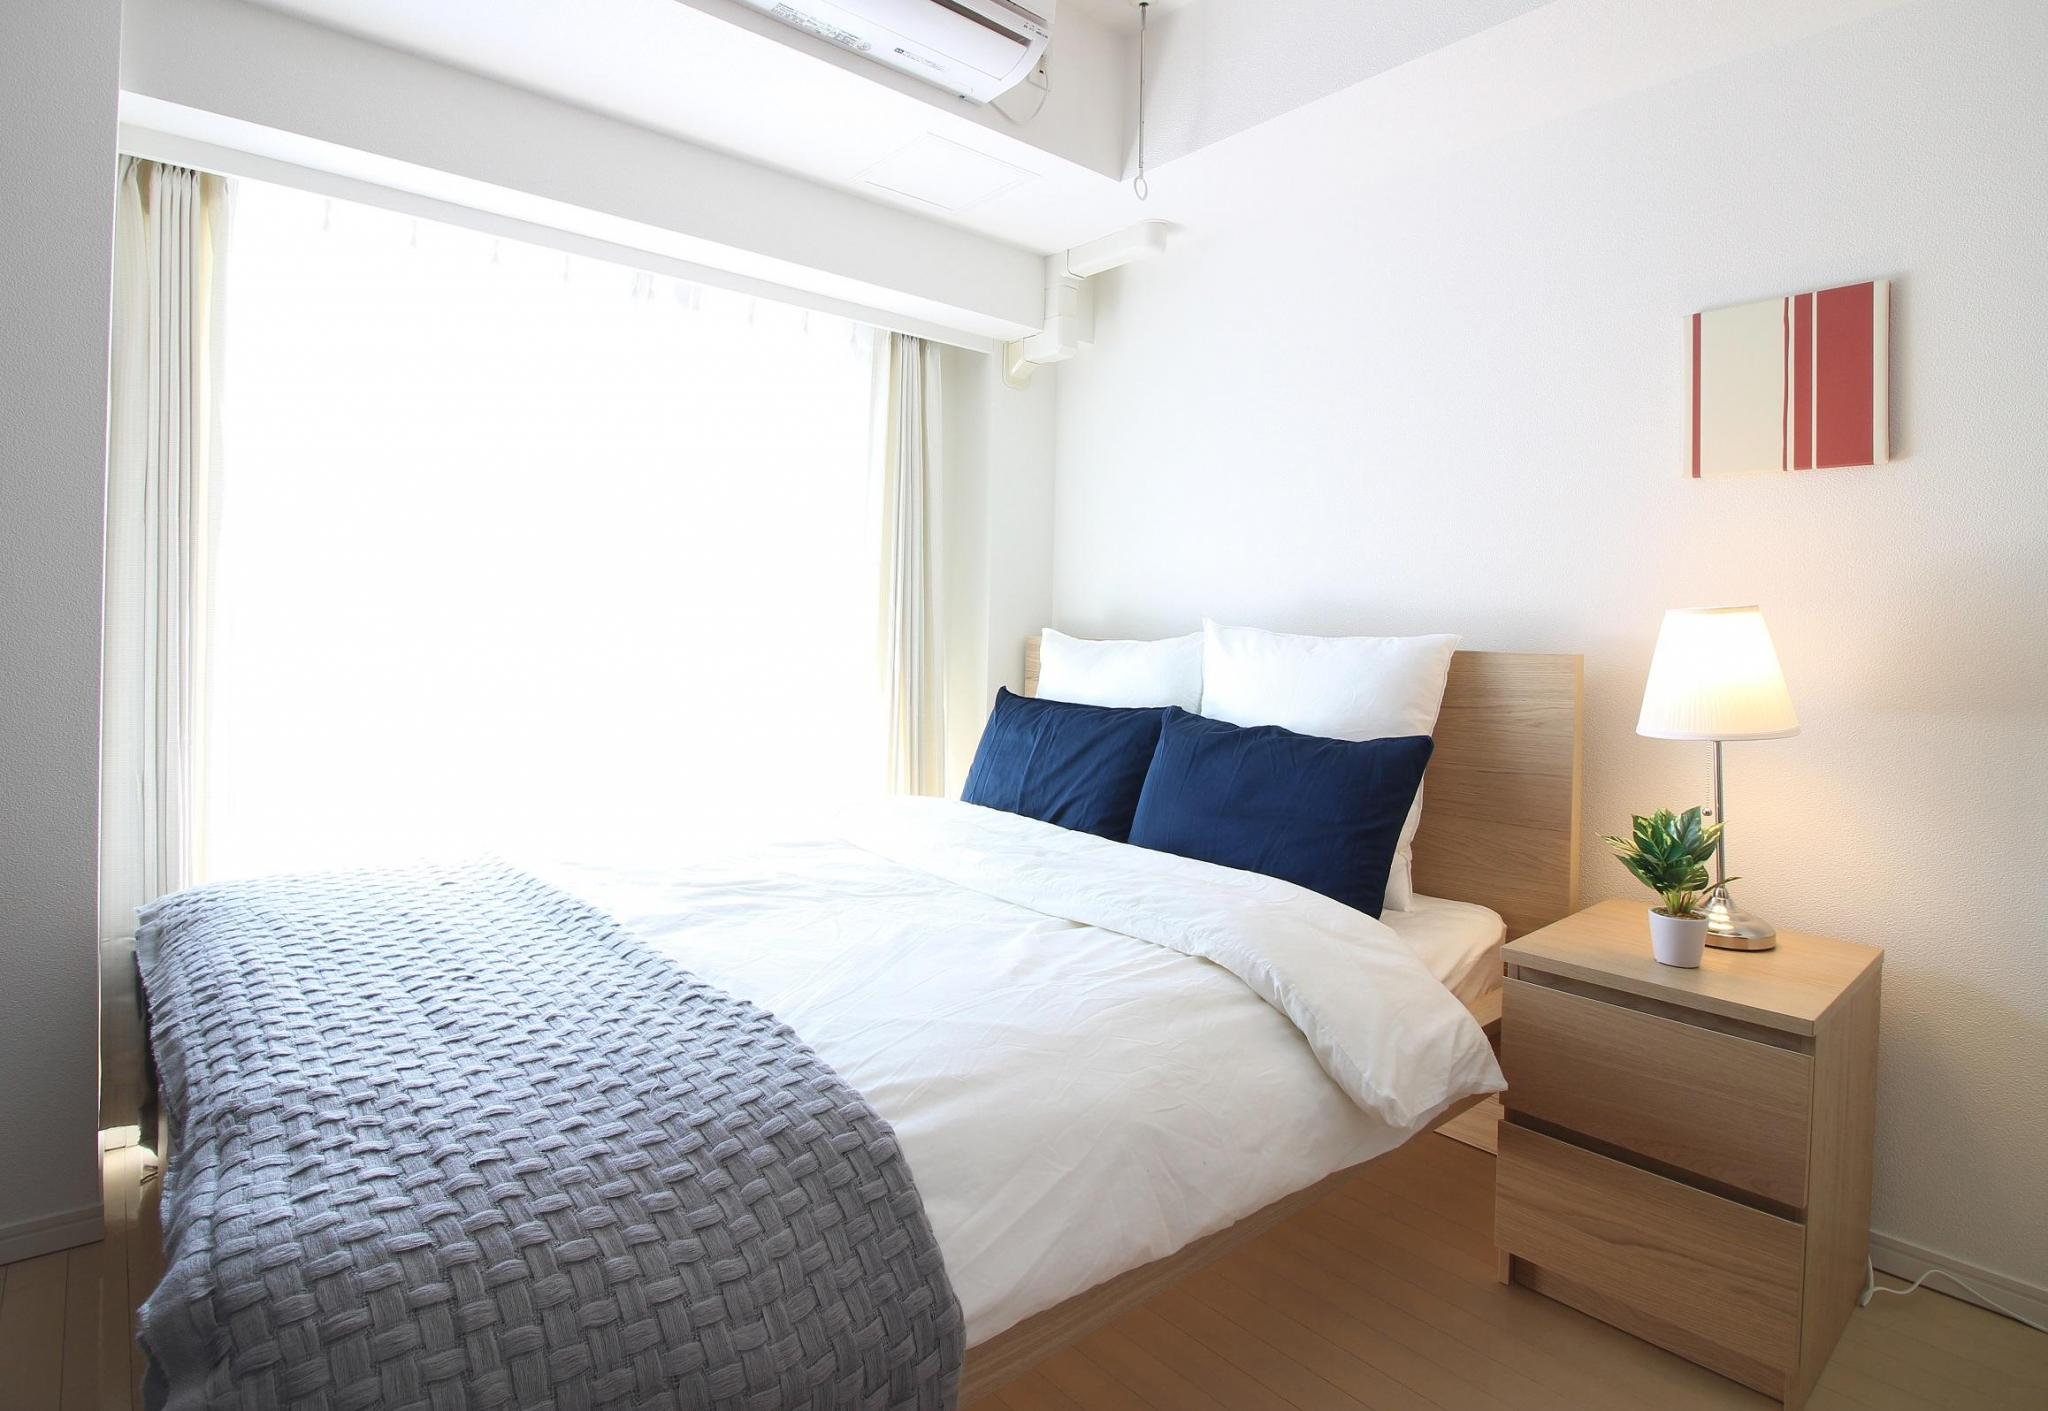 1k Apartment - Dogenzaka - Shibuya-ku - Tokyo